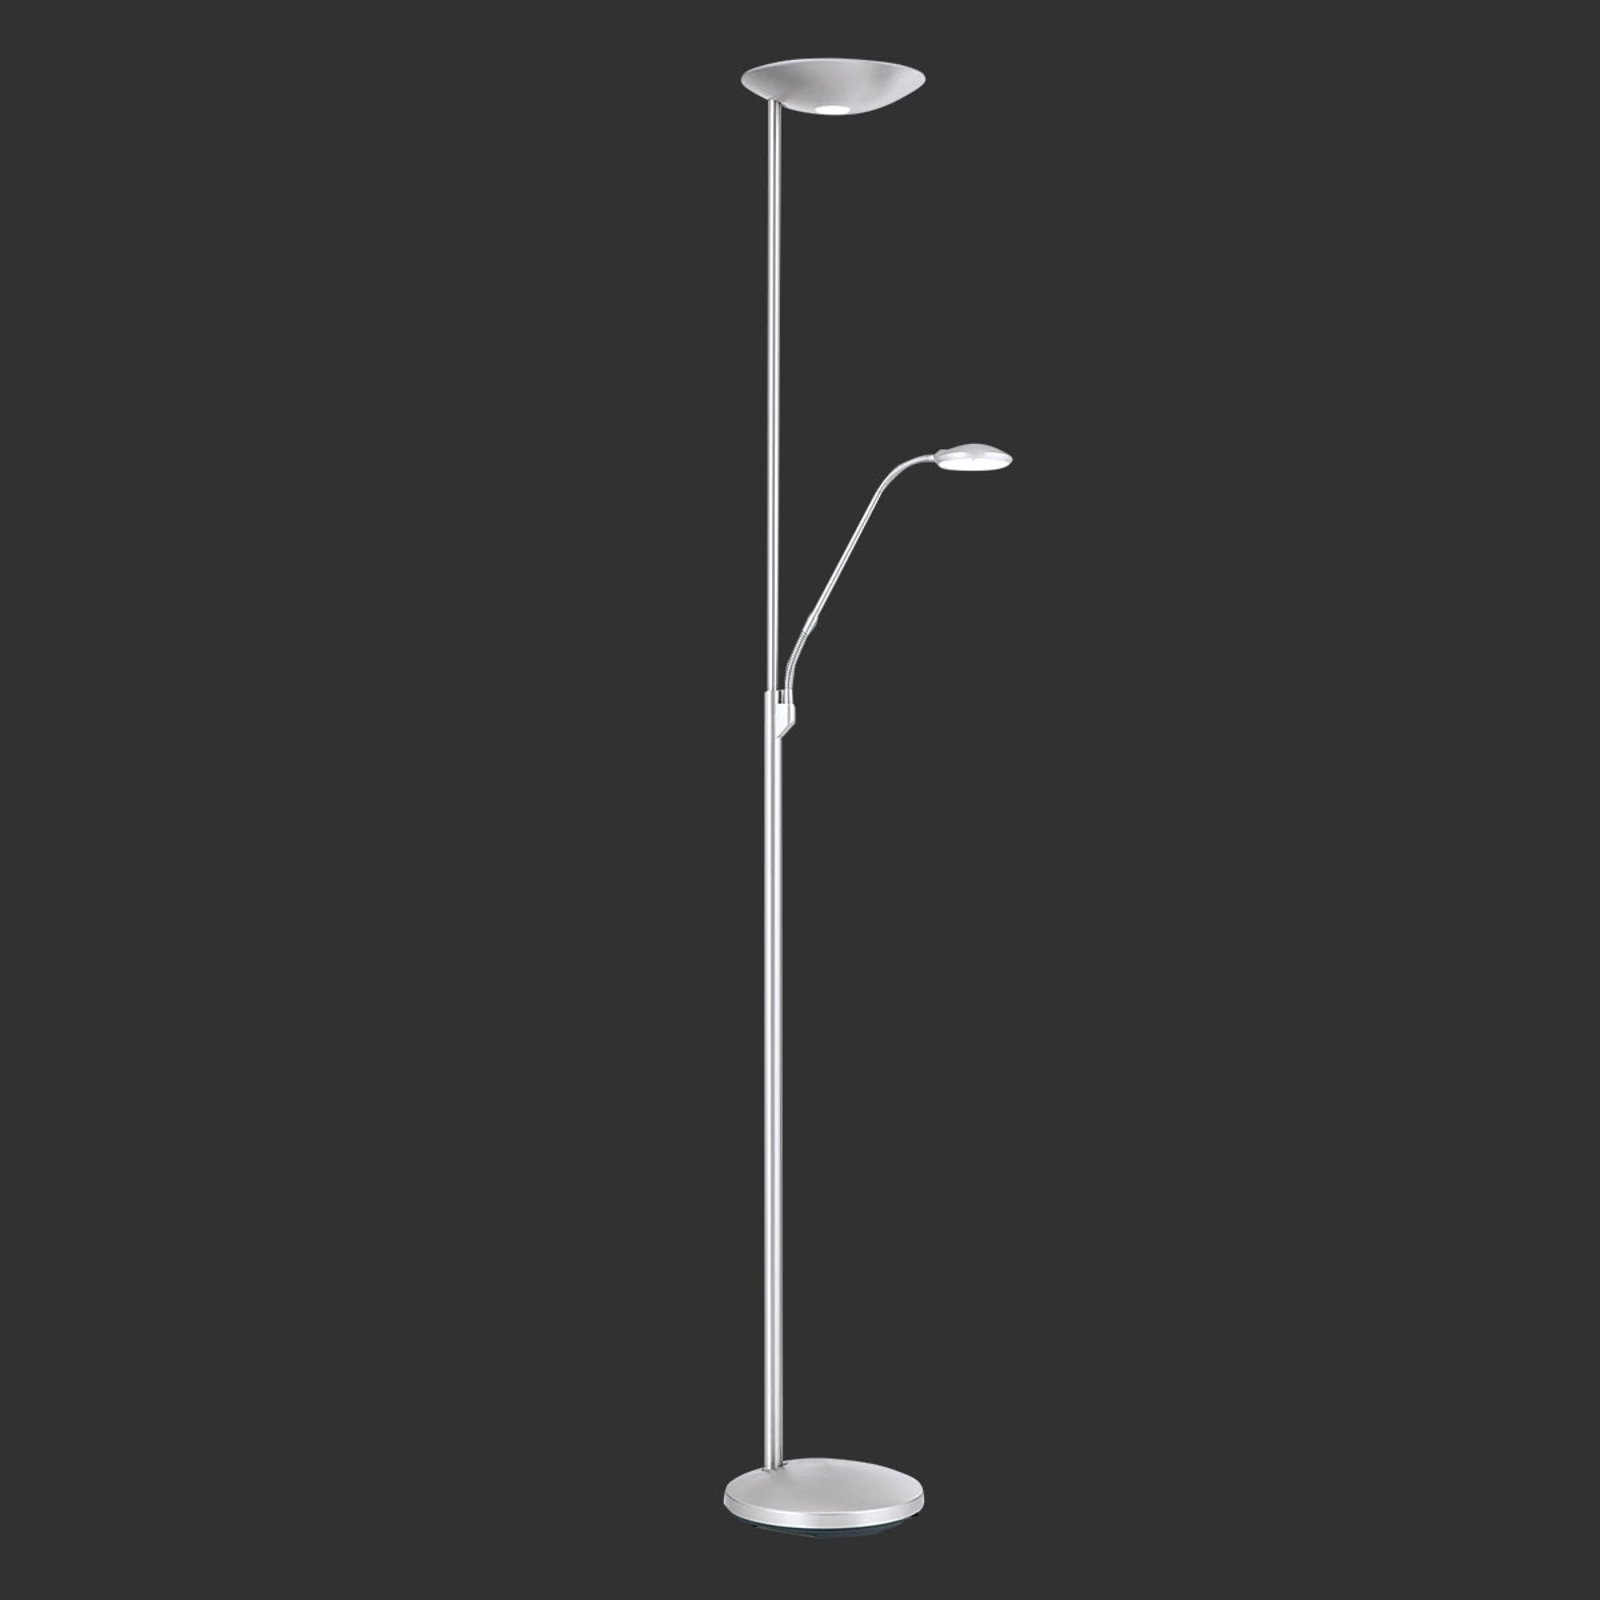 LED-uplight Cobra med leselampe matt nikkel